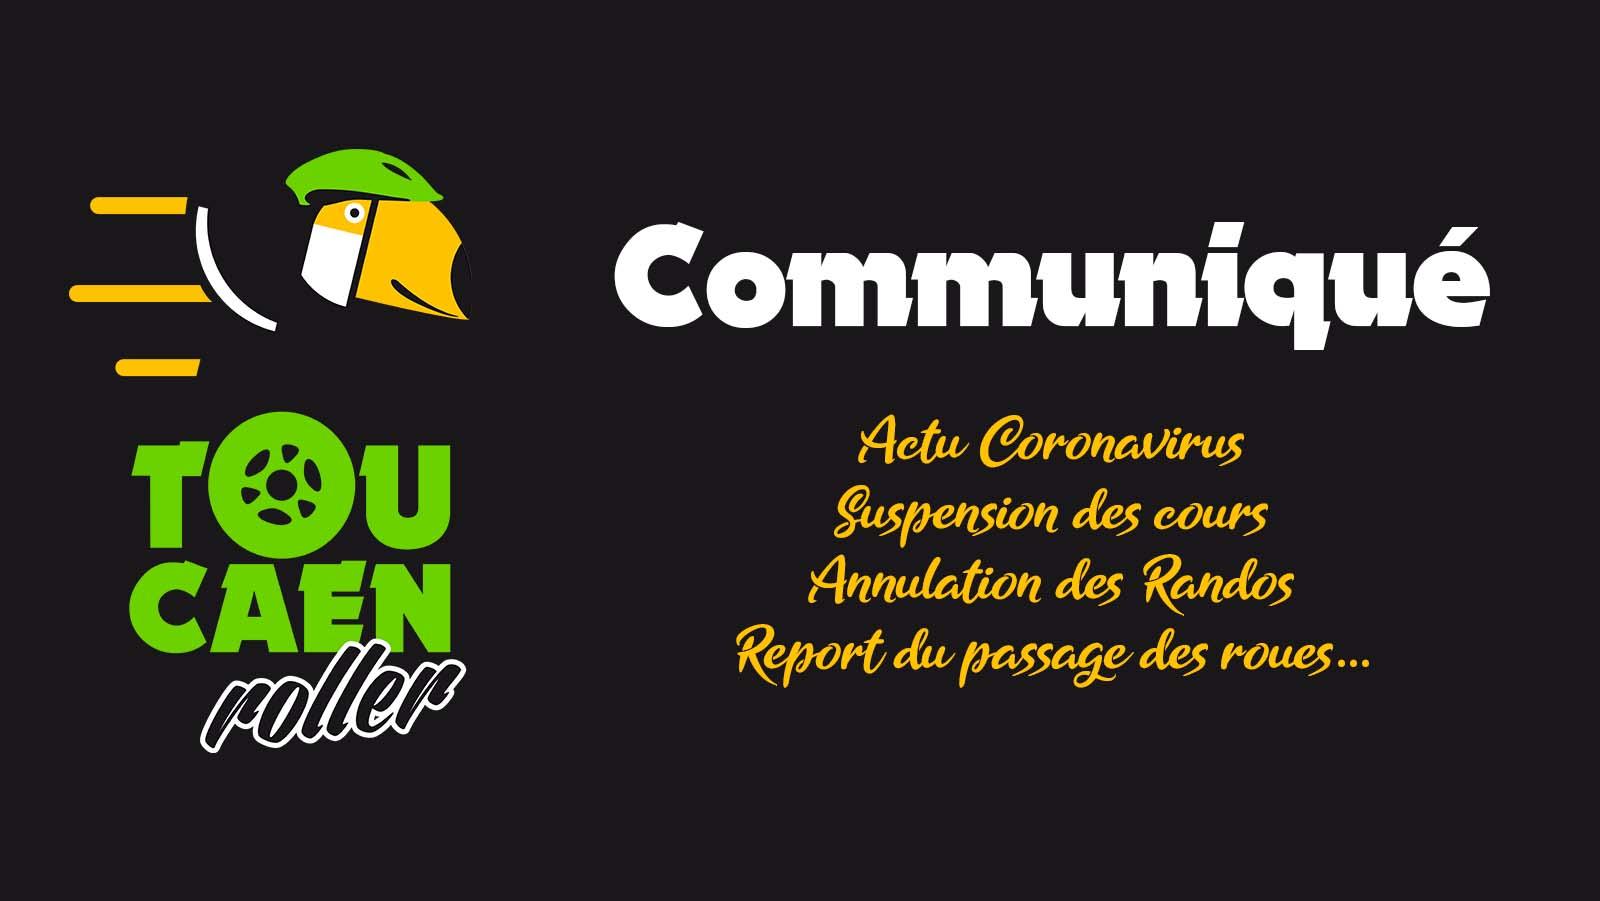 Communiqué TouCaen Roller Coronavirus